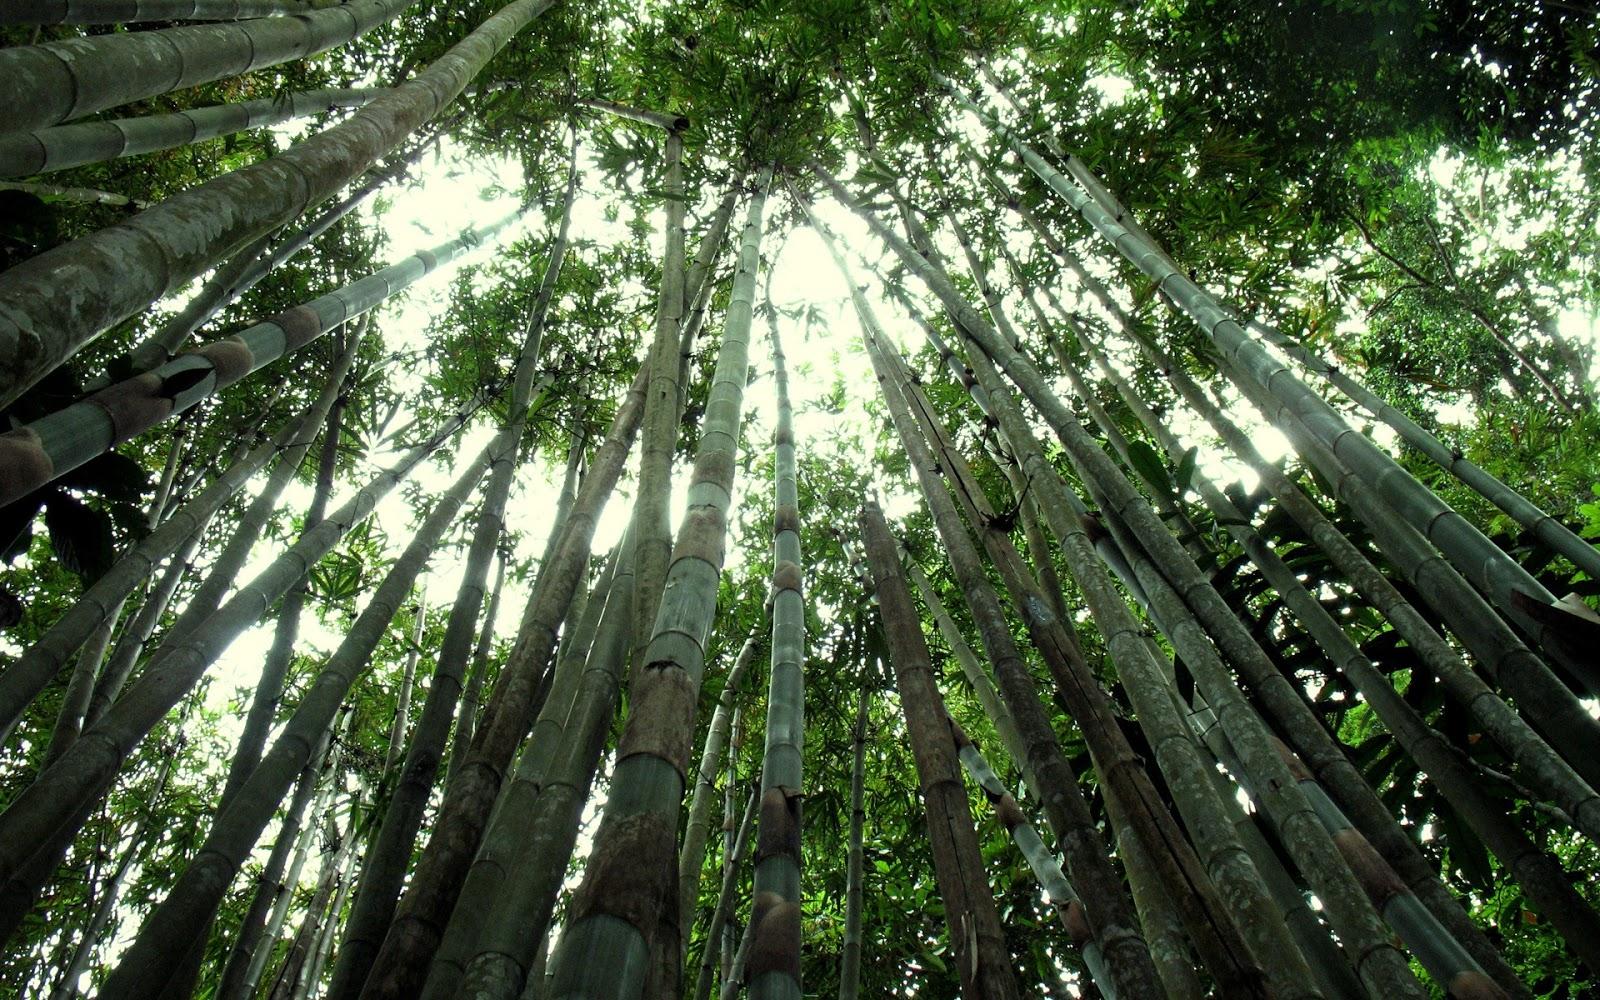 http://4.bp.blogspot.com/_Gq1jO6iuU2U/TSkV09MGs2I/AAAAAAAAHW0/2BODWg-ifyQ/s1600/bamboo+forest+amazing+hd+wallpaper.jpg